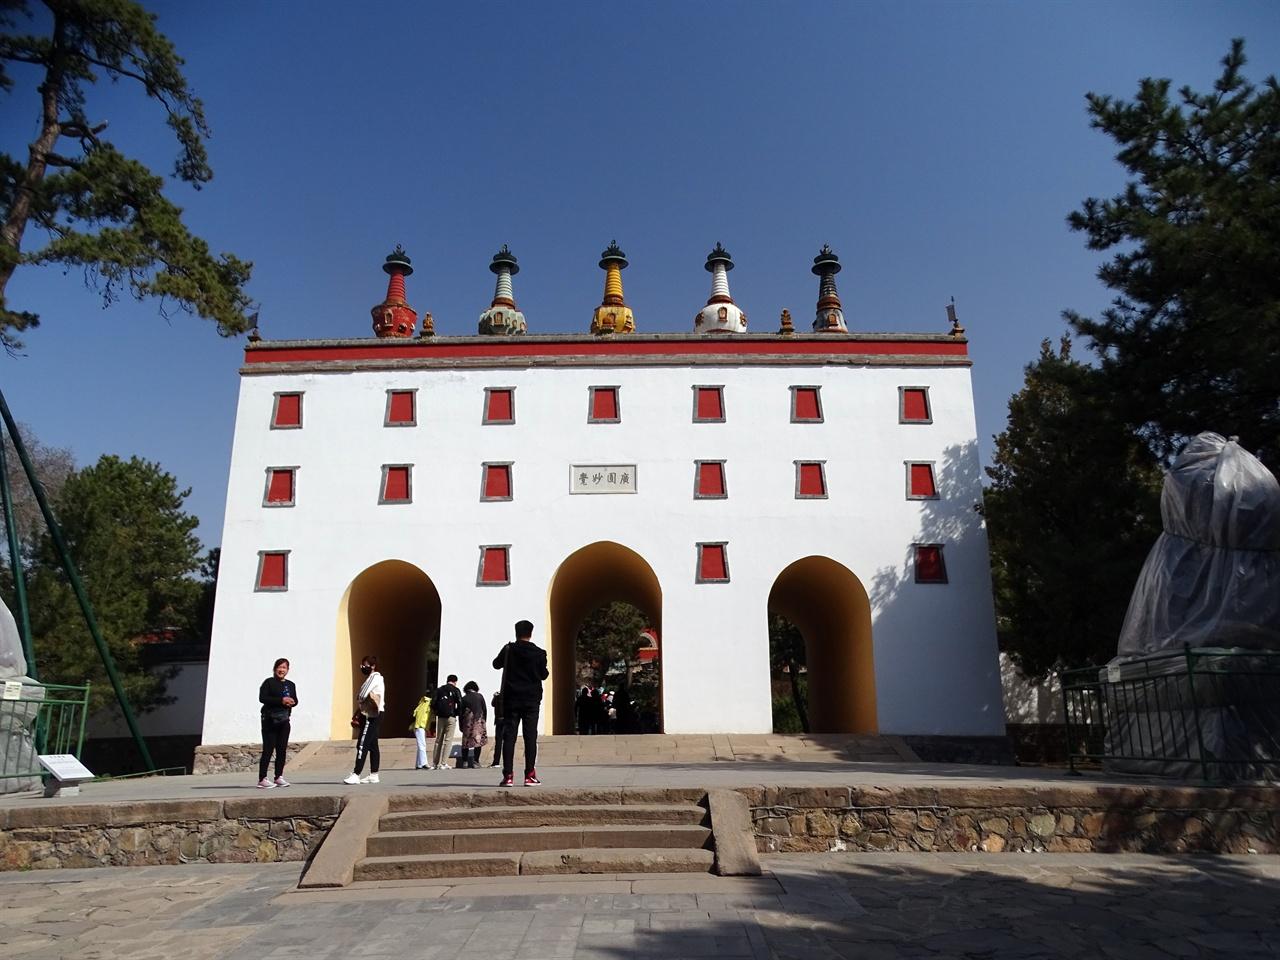 오탑문 세 개의 아치형 문이 있는 티베트식 흰 건물 위에 다섯 개의 탑이 세워져 있어 오탑문이라 한다.